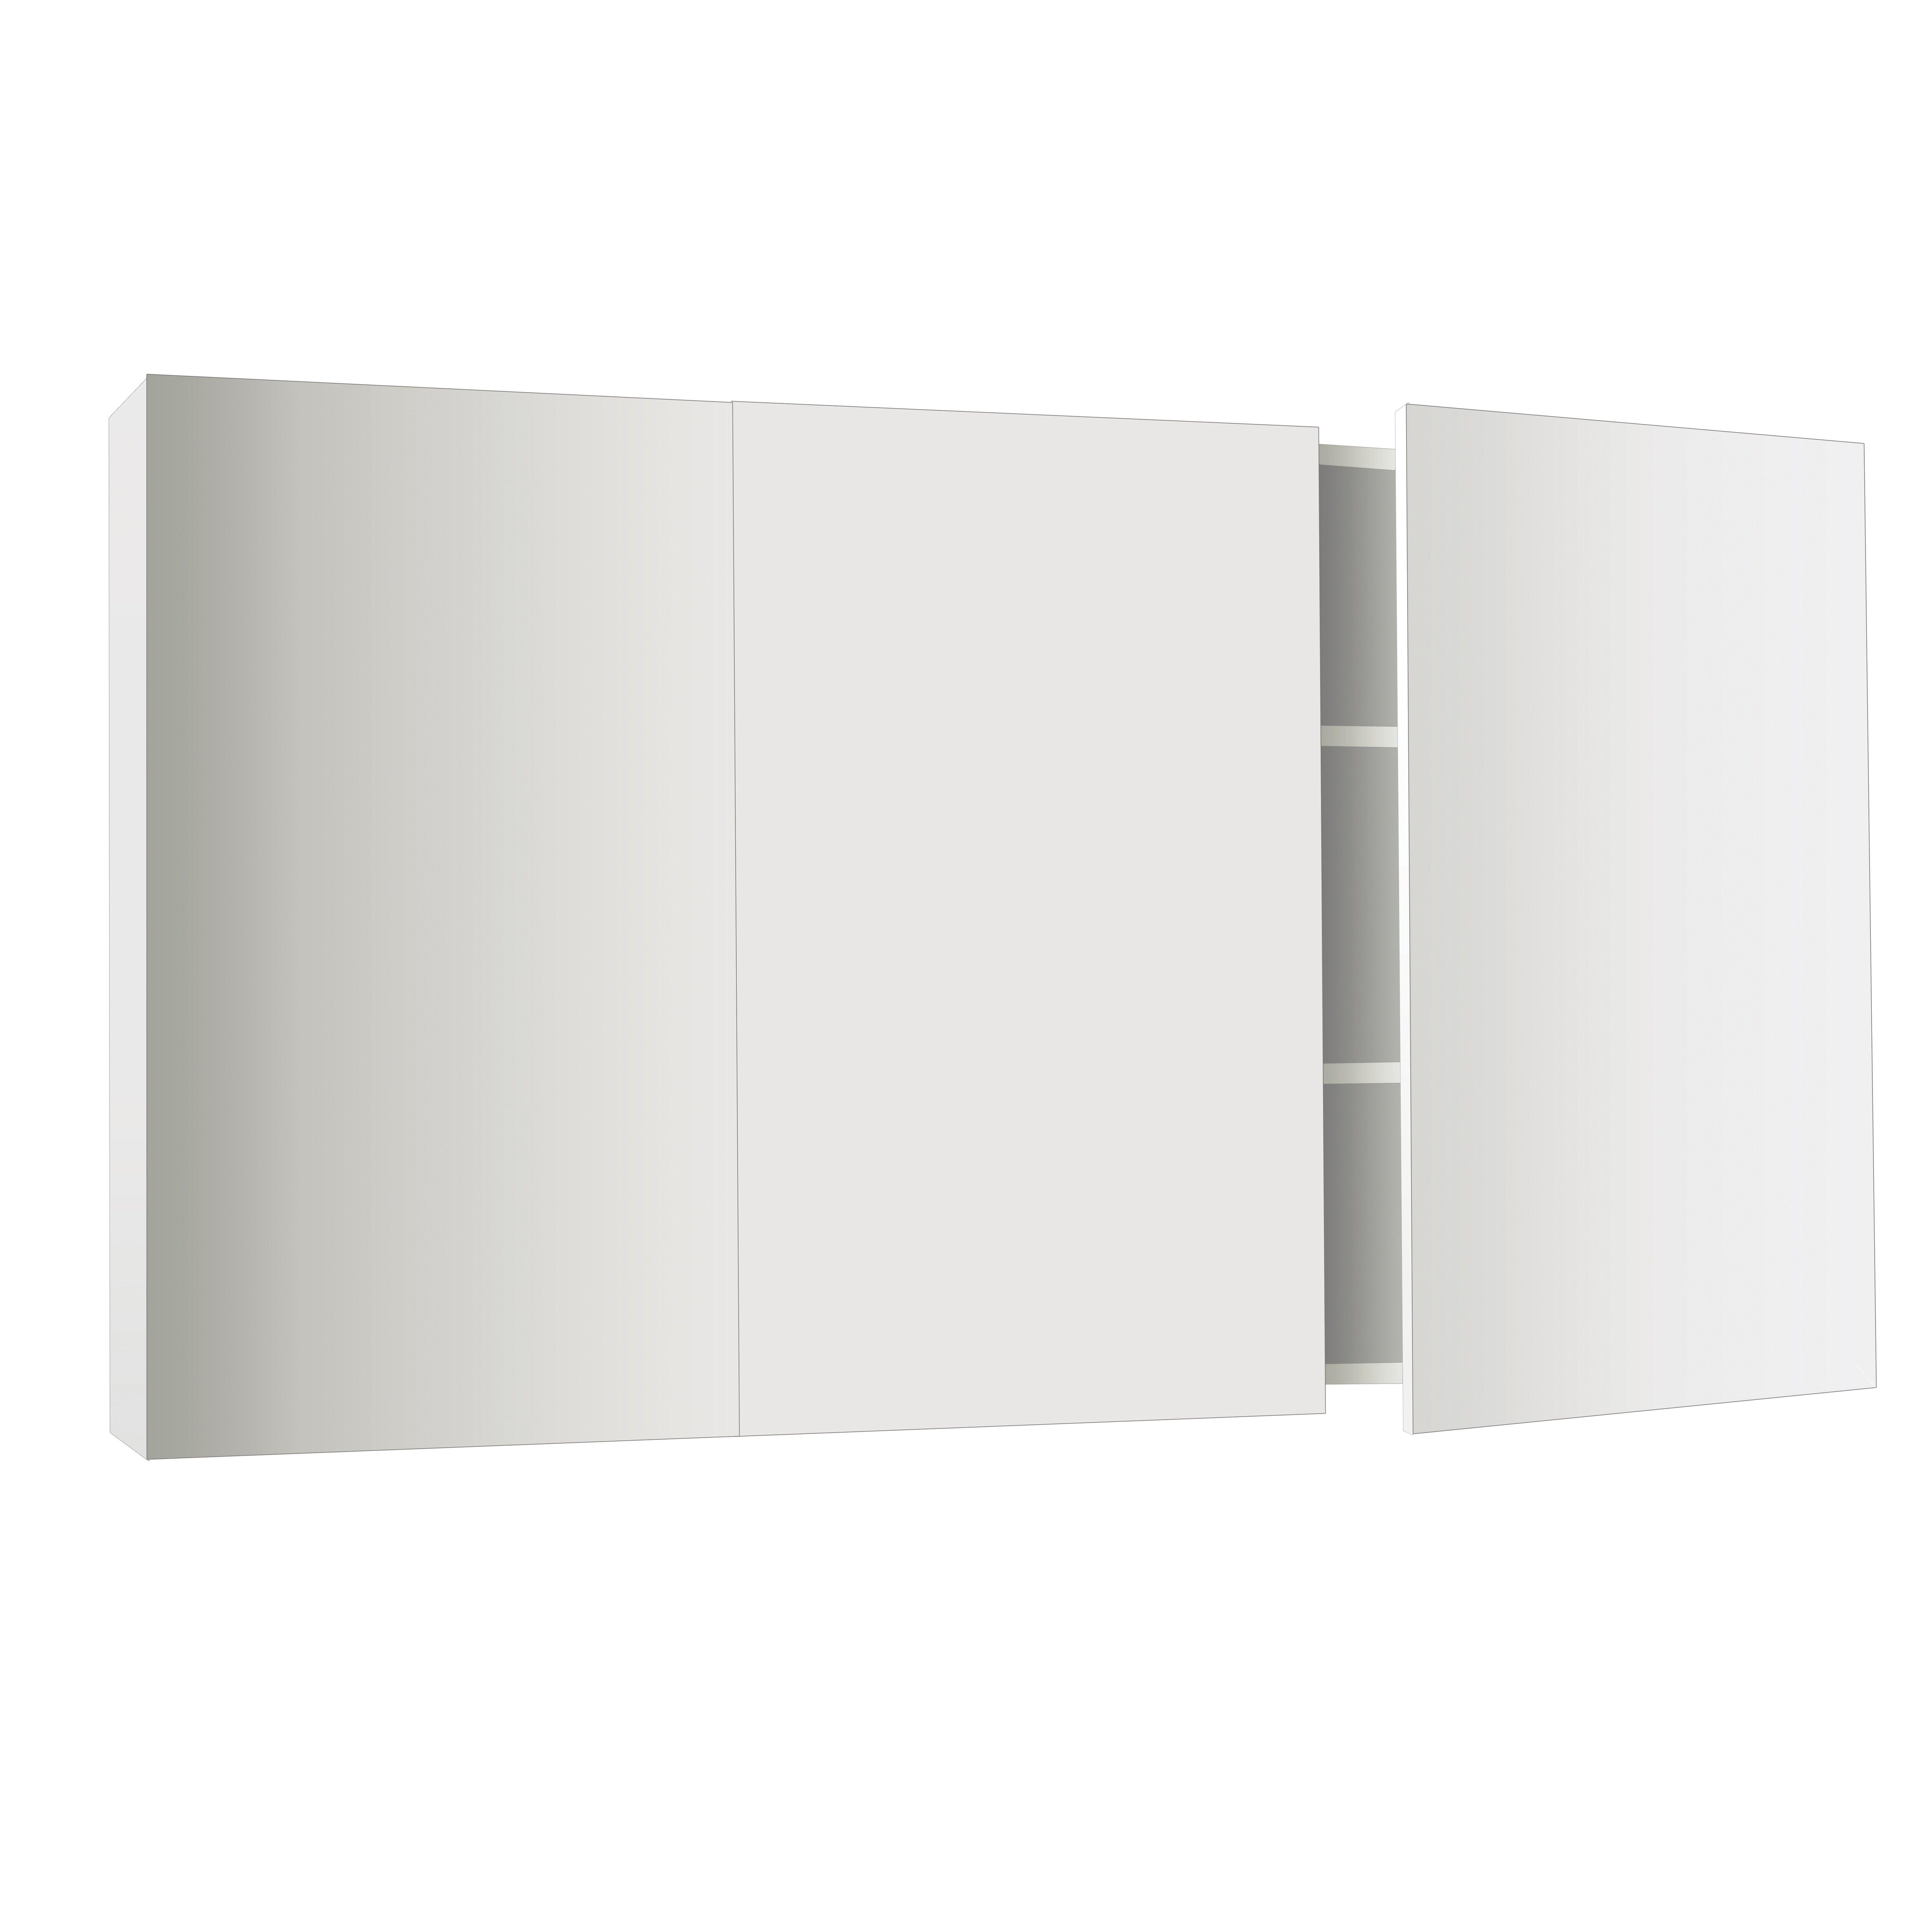 Essence 1 750mm wide shaving cabinet cibo design - Osca Pencil Edge Mirrored Cabinet 1200mm